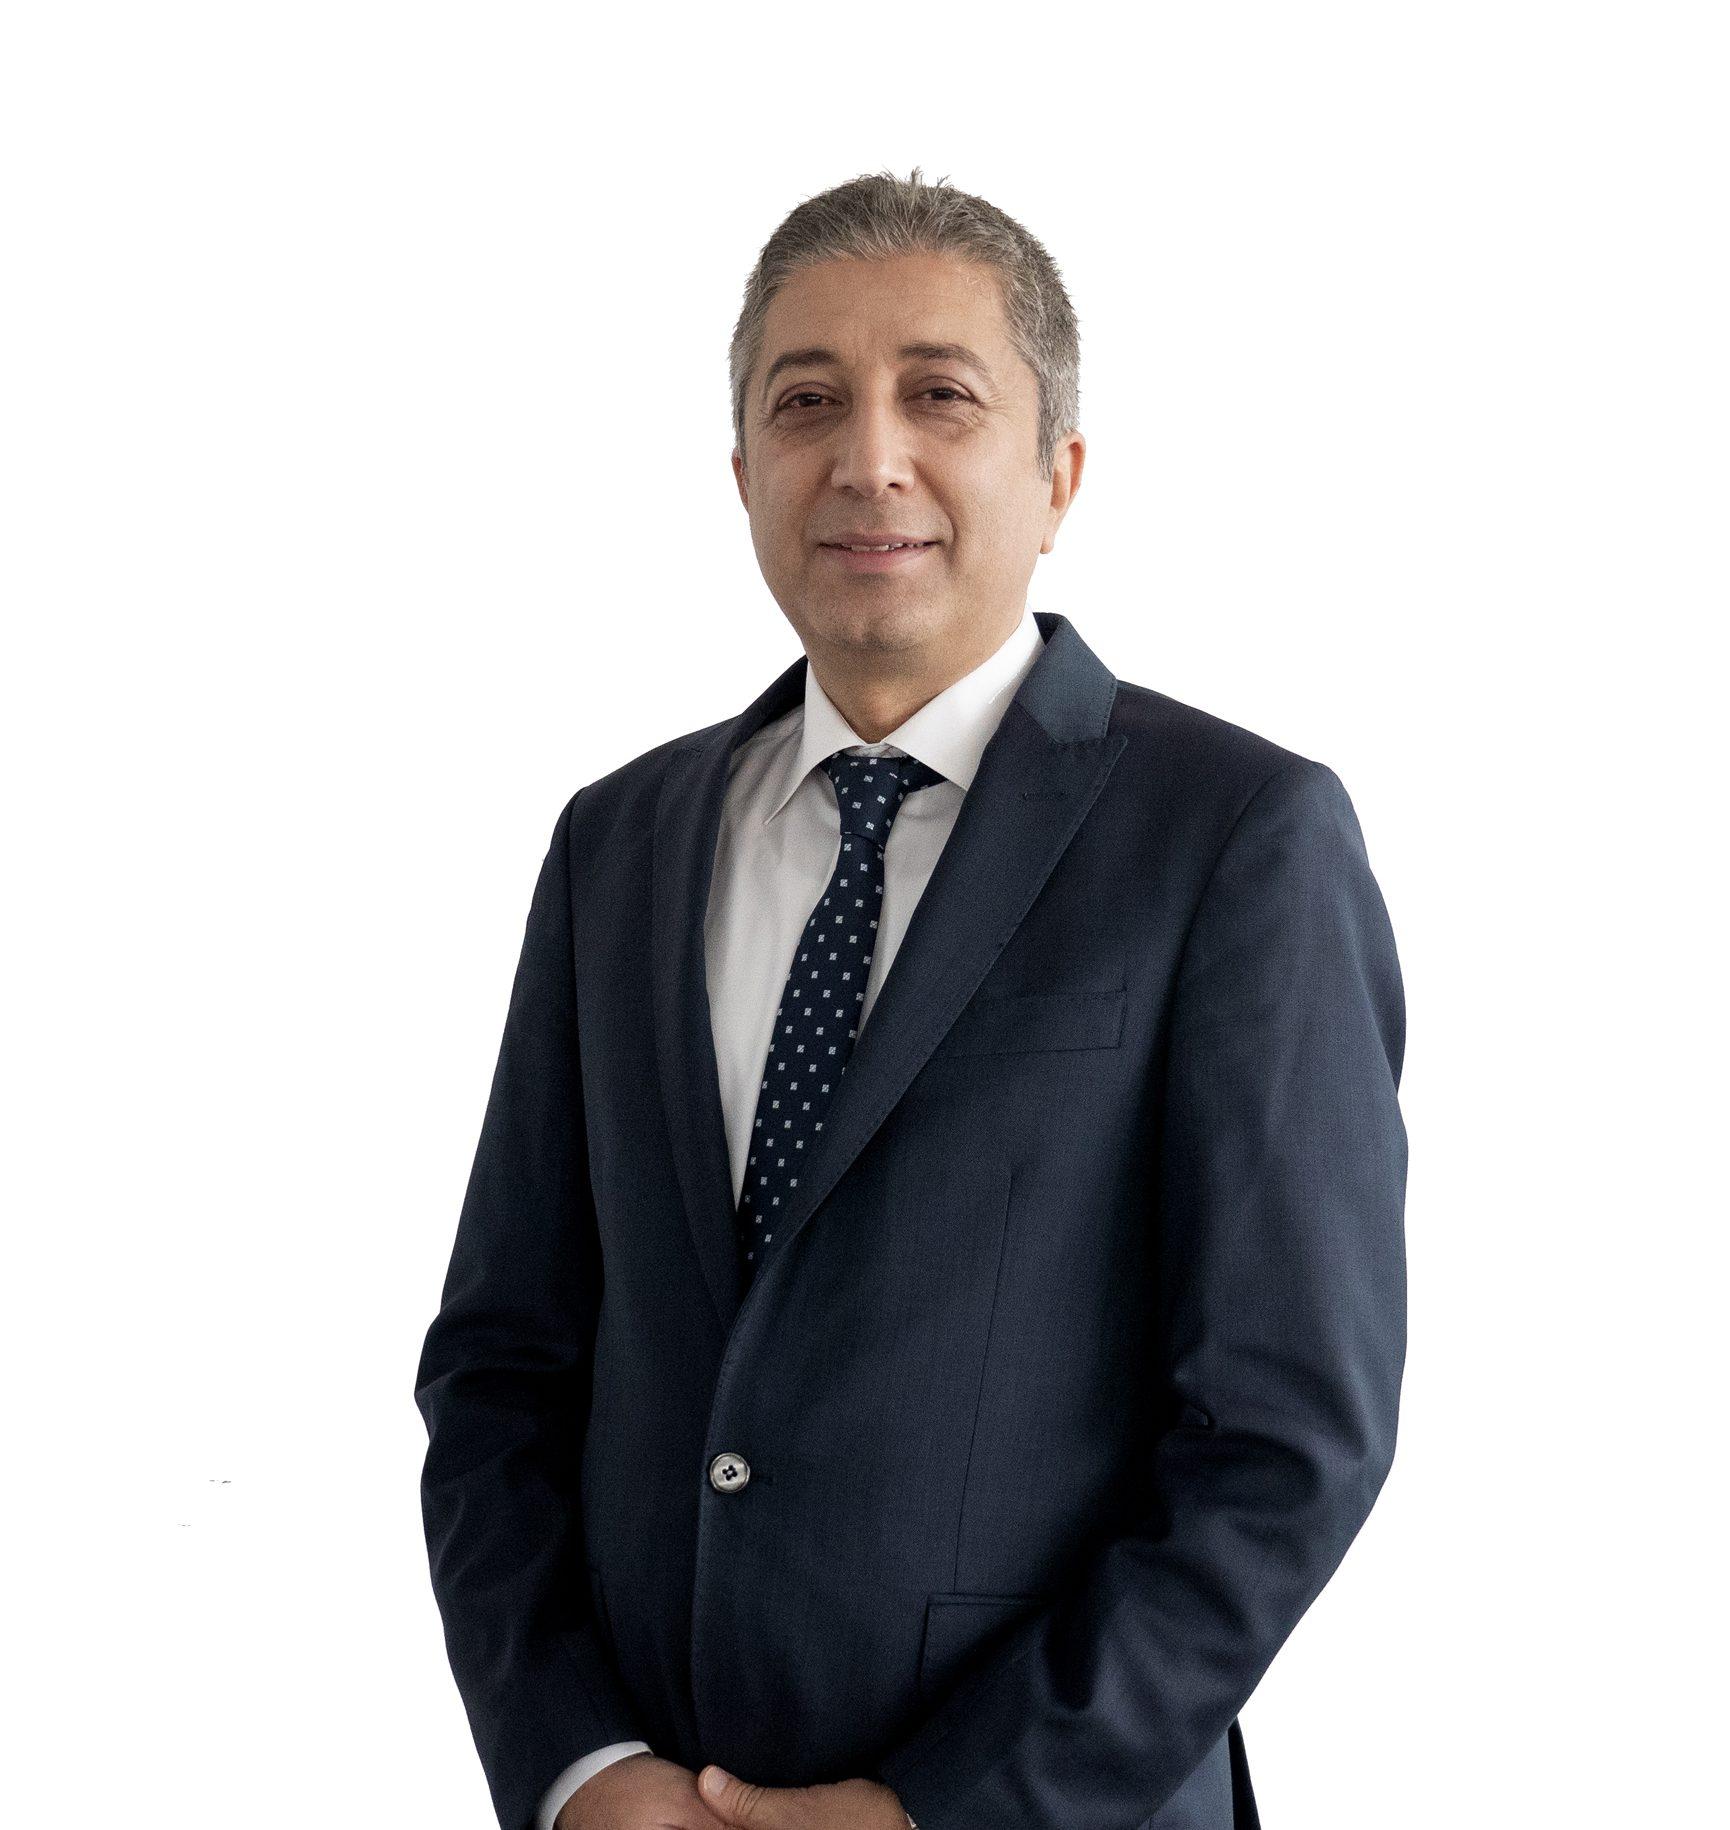 Ali Razdar